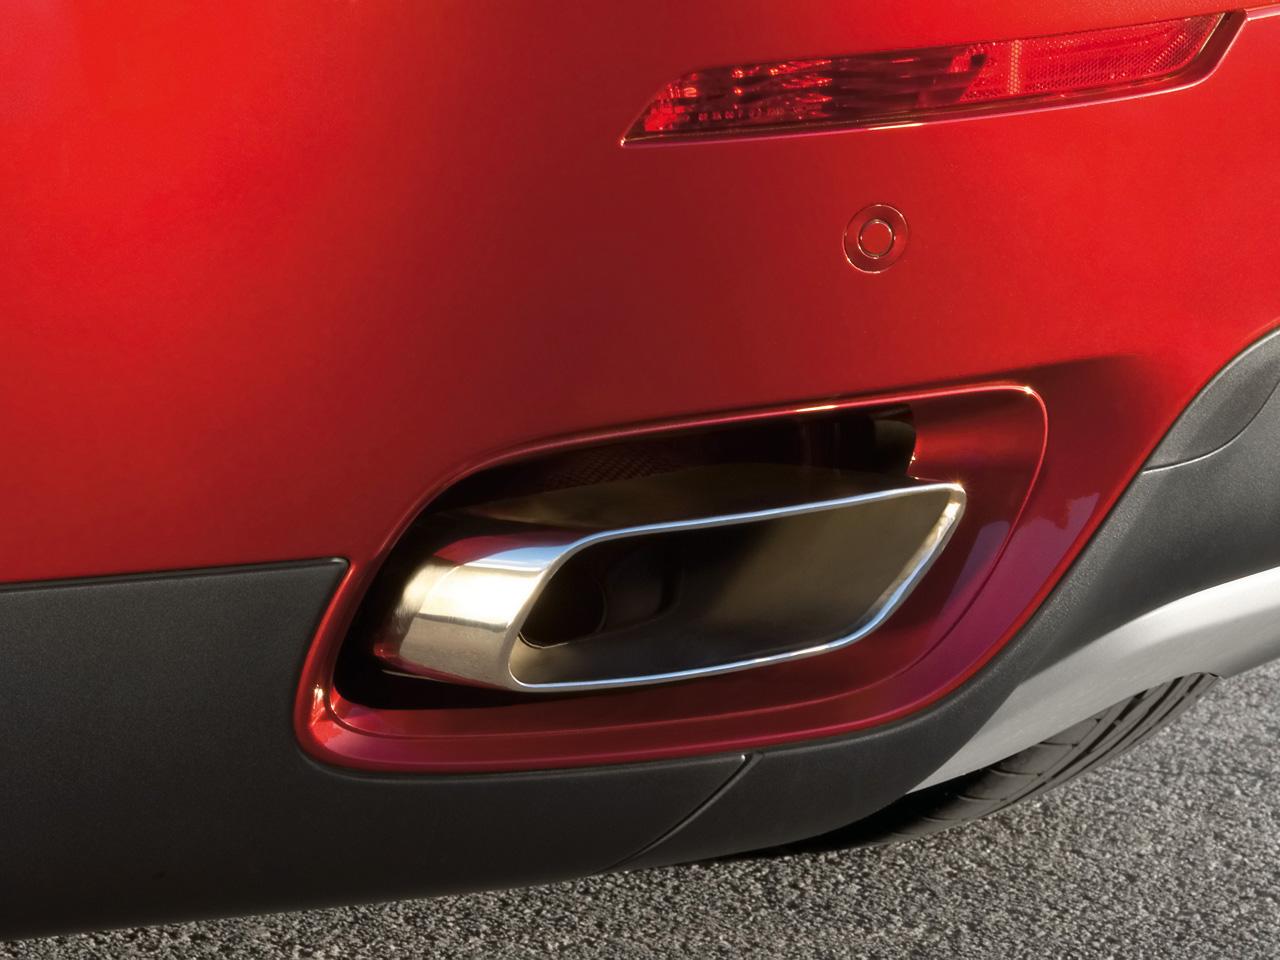 Vue agrandie d'une sortie d'échappement de la BMX X6 xDrive50i, intégrée dans le bouclier arrière. La qualité de fabrication et le soin des détails sont impressionnants.